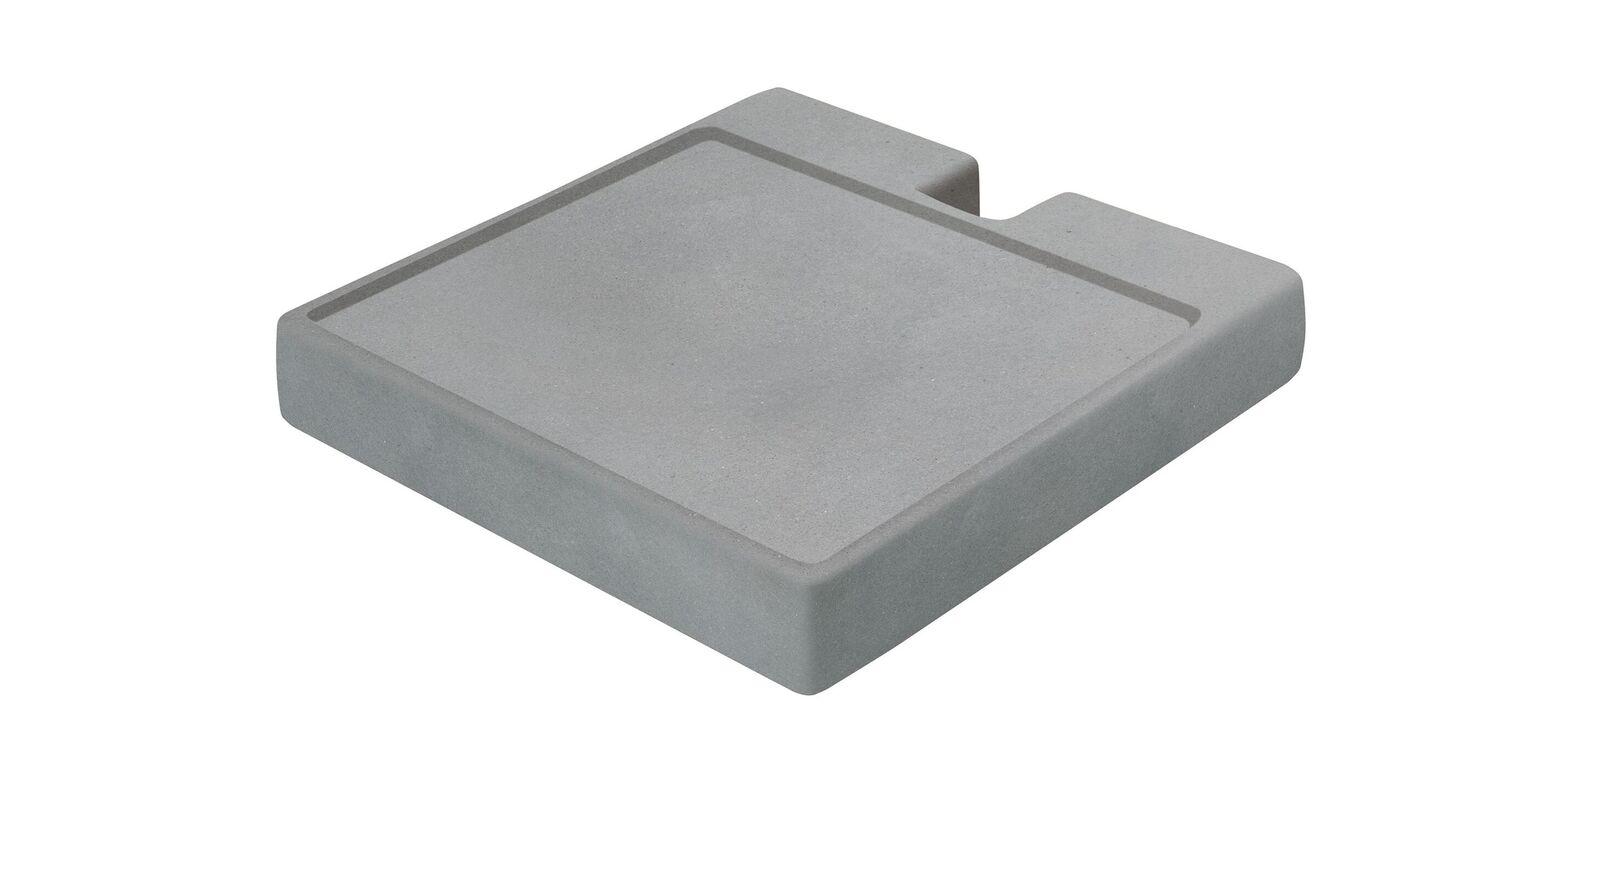 Garderoben-Kommode Envigado mit betonfarbiger Ablageplatte